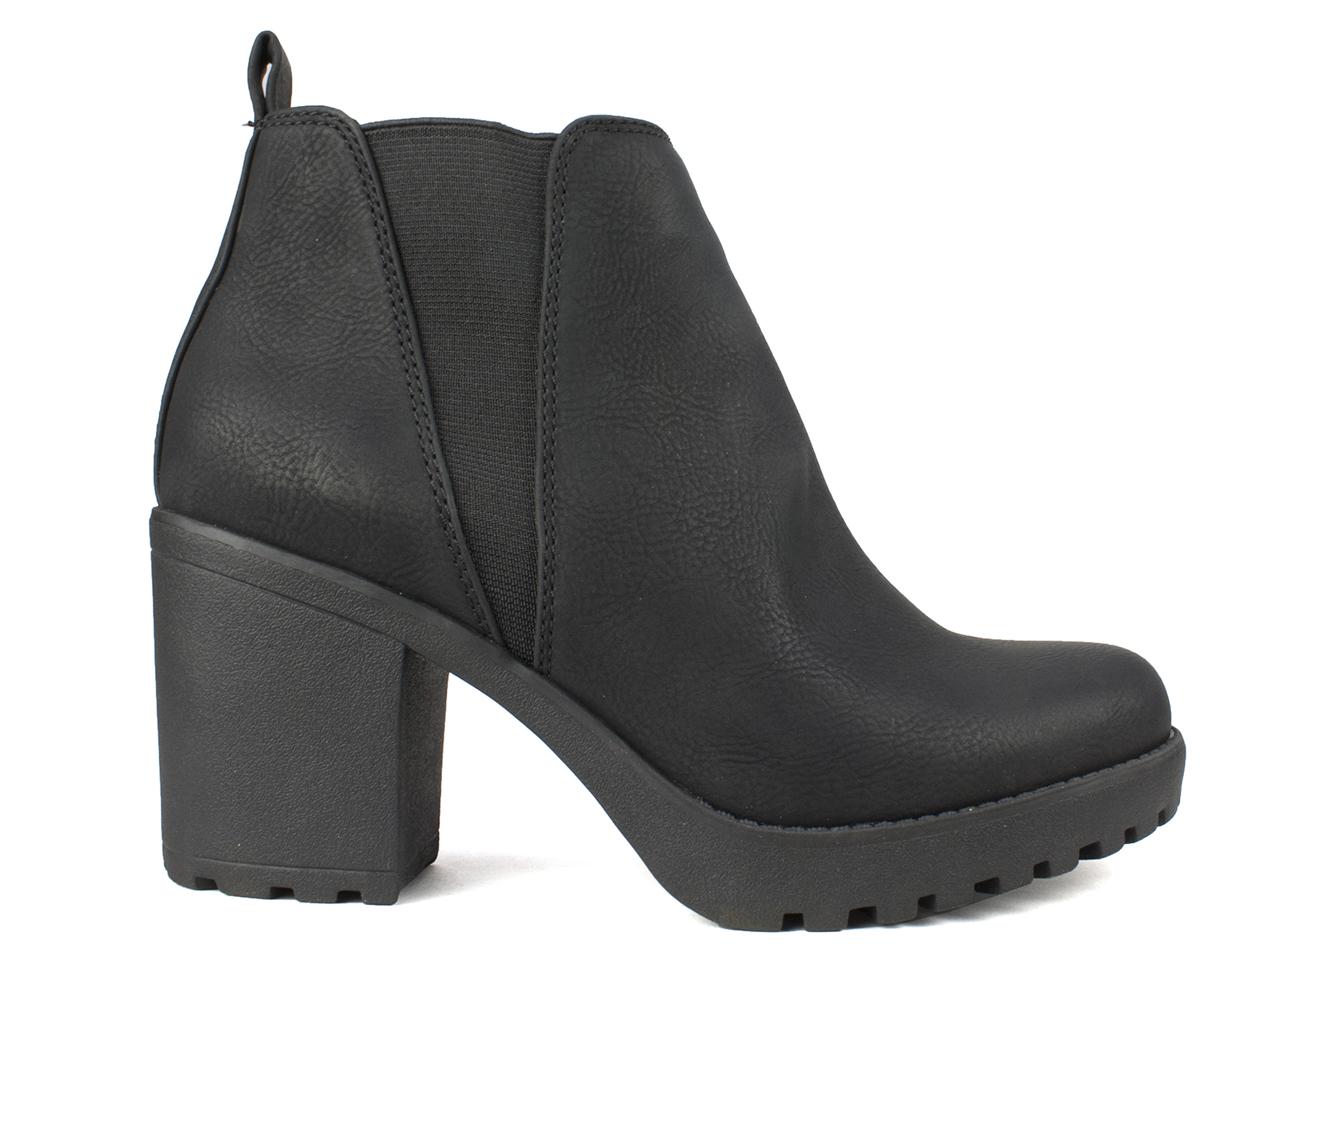 Seven Dials Pelton Women's Boots (Black - Faux Leather)